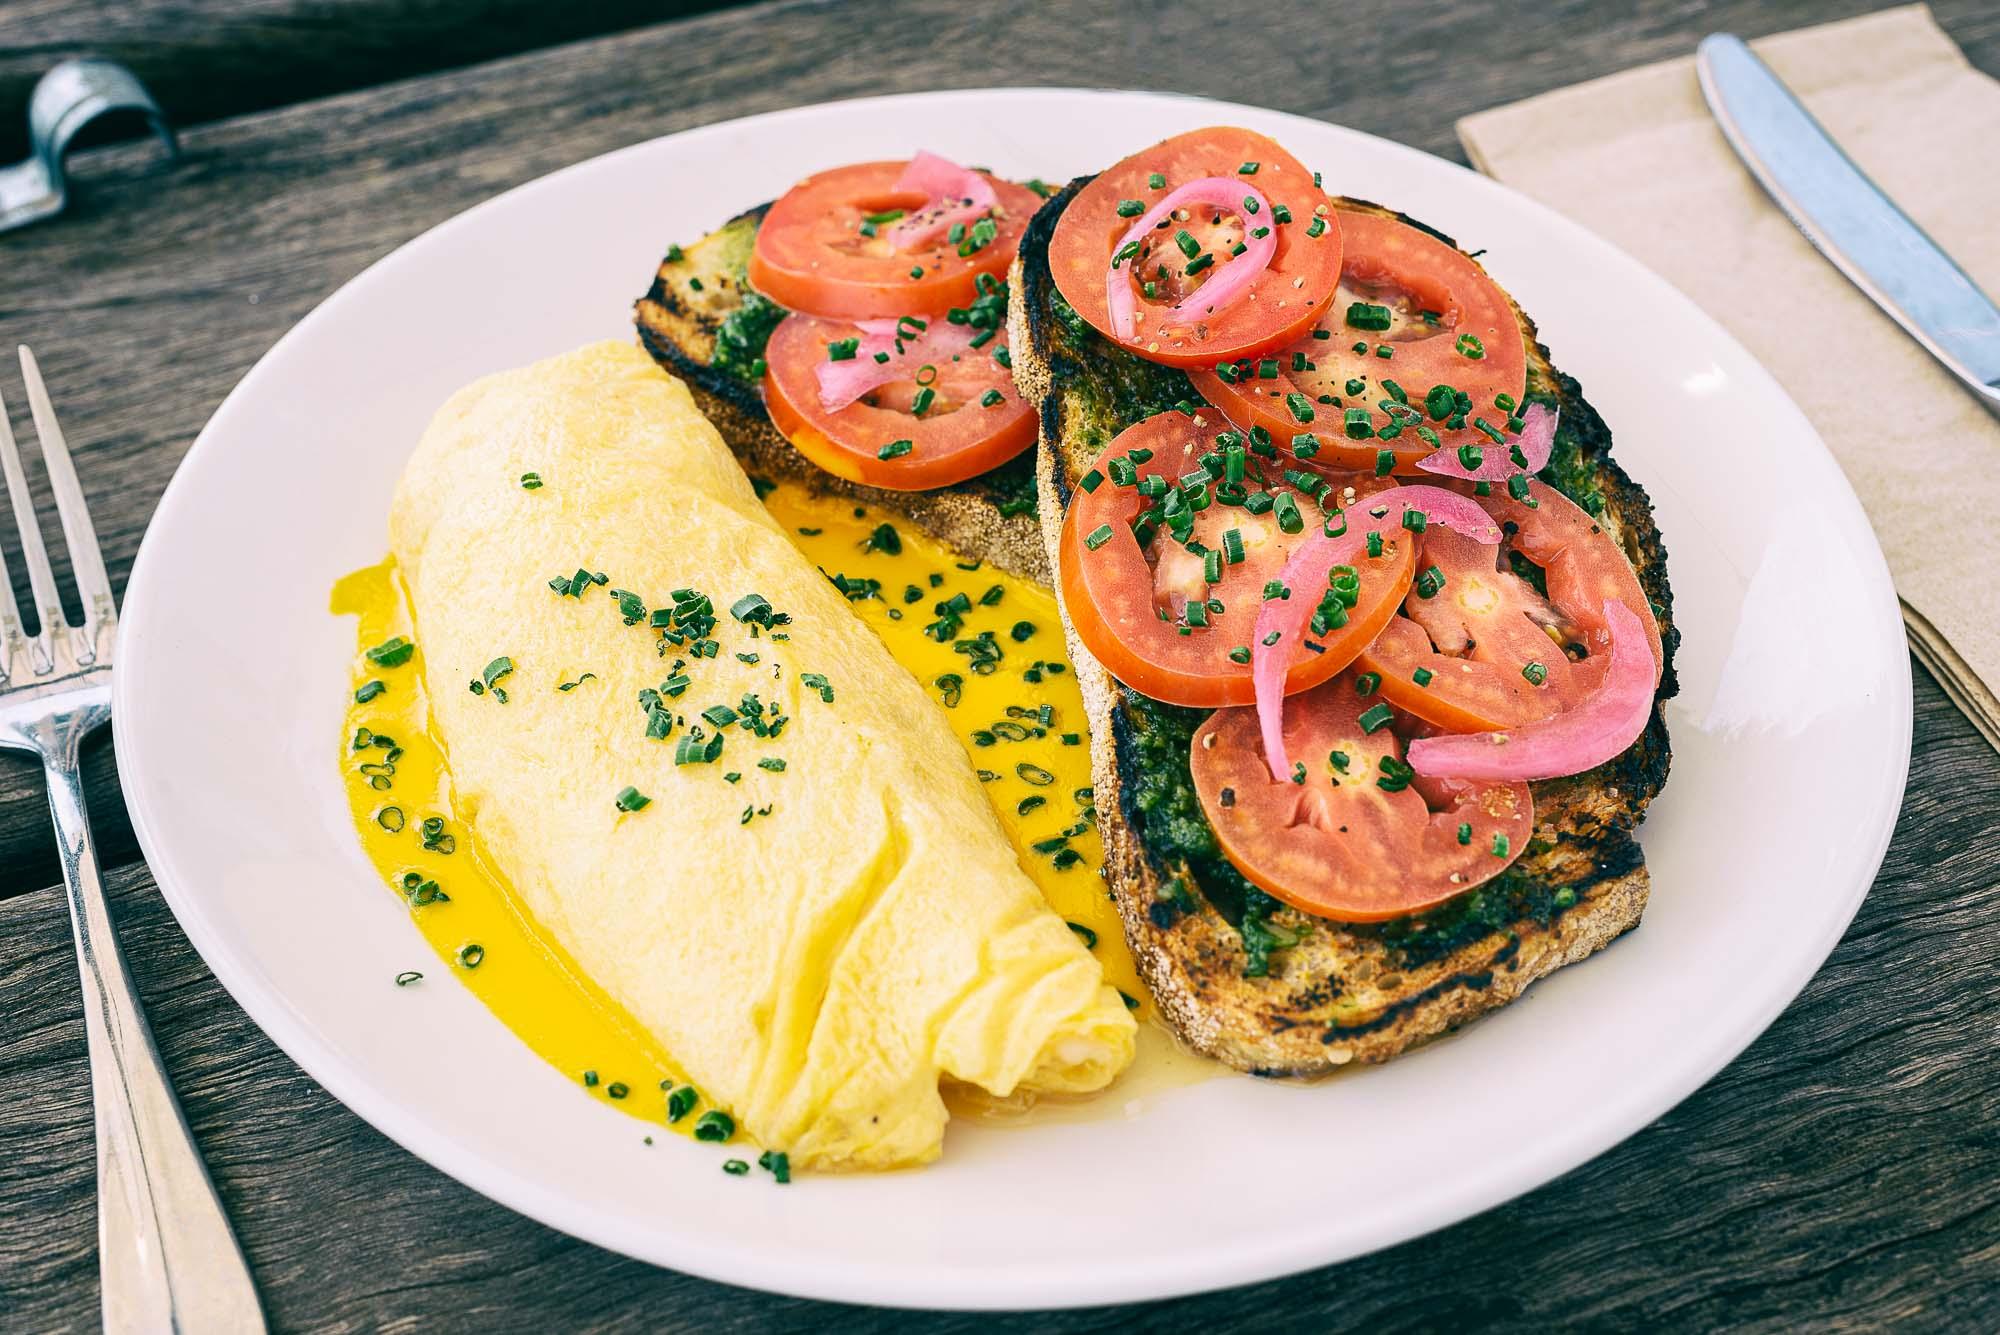 Breakfast or lunch